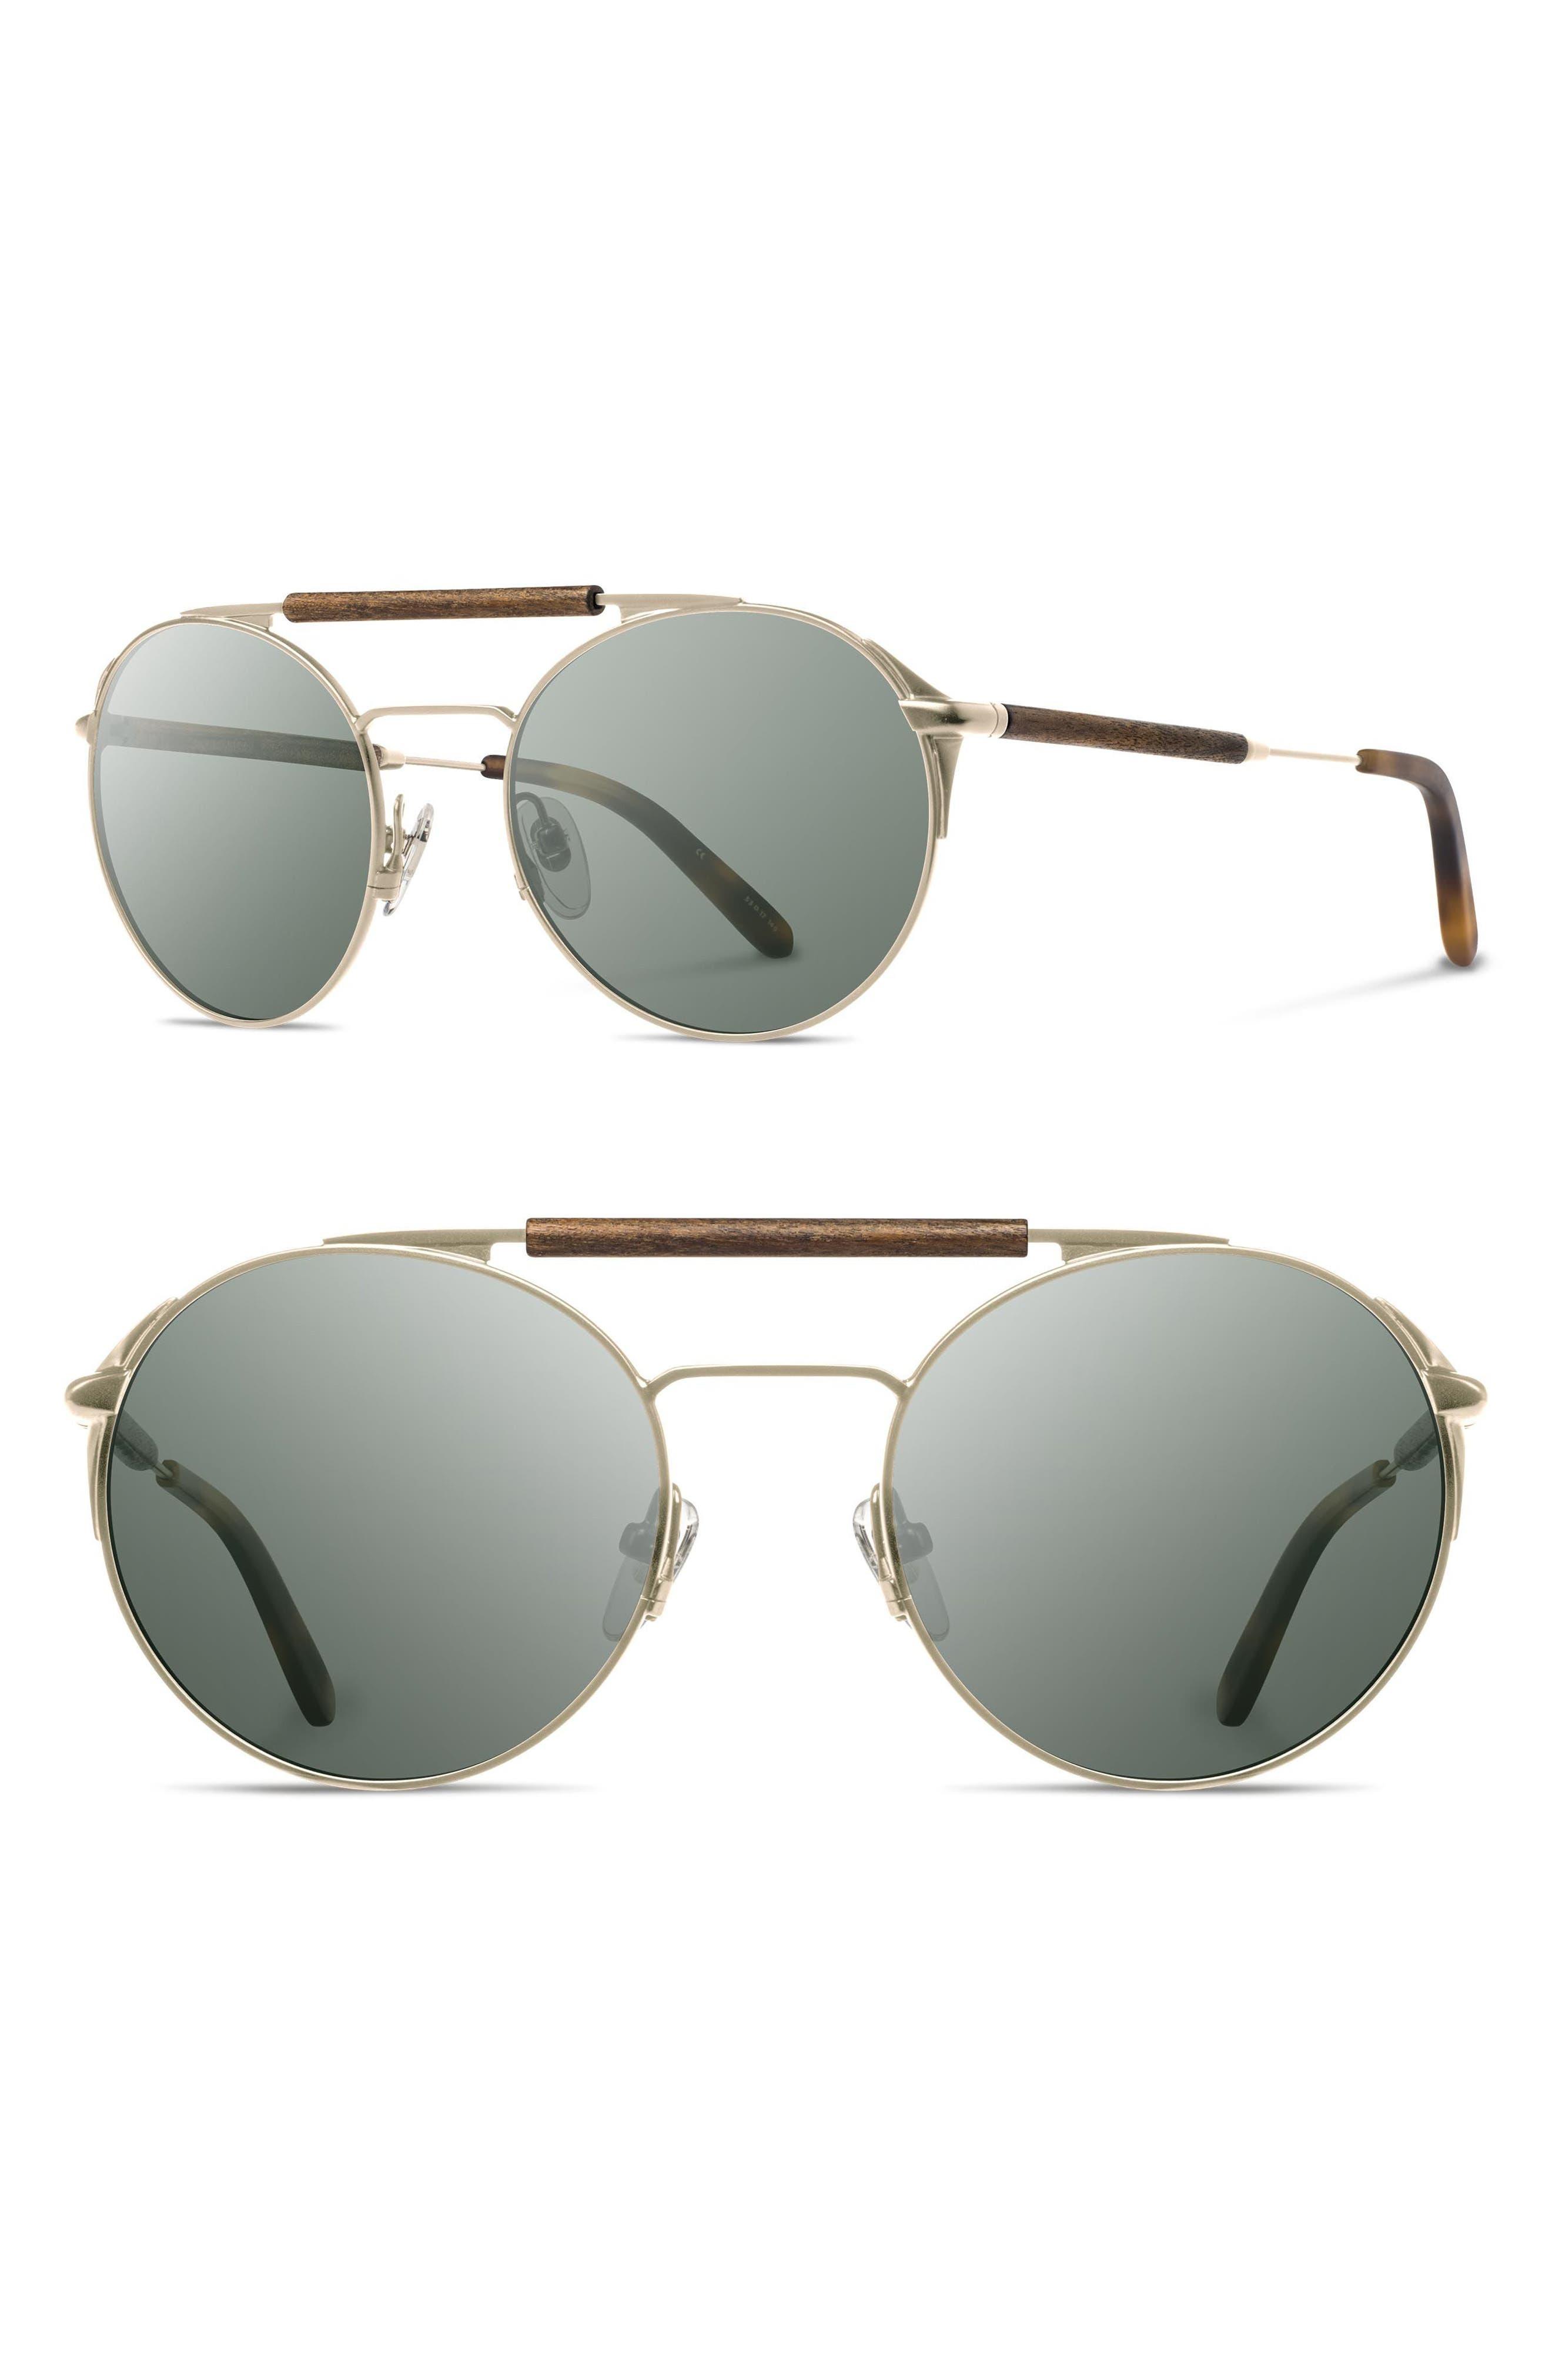 Bandon 52mm Round Sunglasses,                             Main thumbnail 4, color,